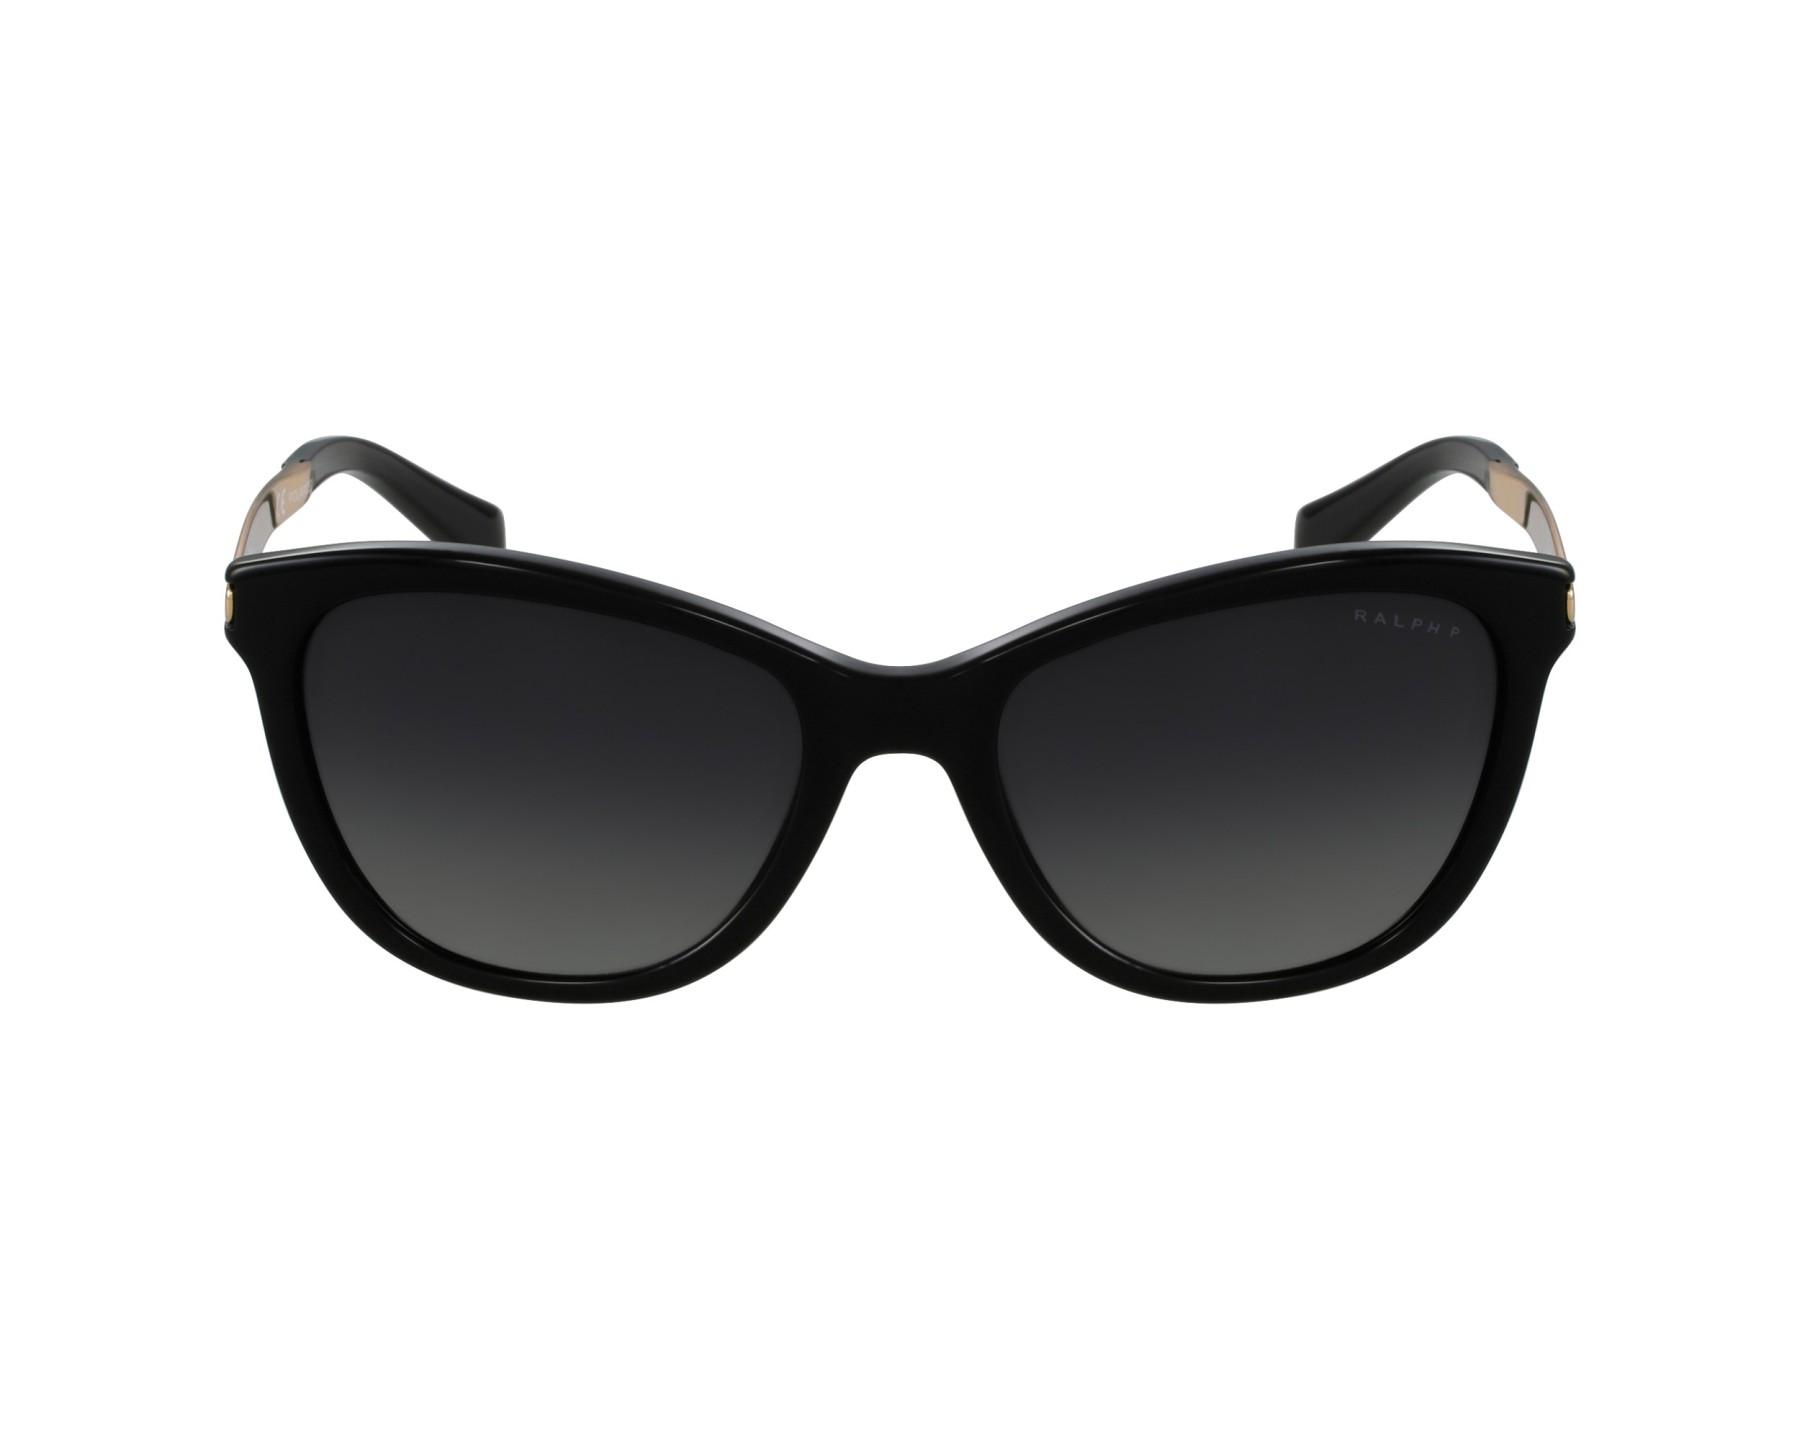 lunettes de soleil ralph lauren ra 5201 1265 t3 noir avec des verres gris. Black Bedroom Furniture Sets. Home Design Ideas